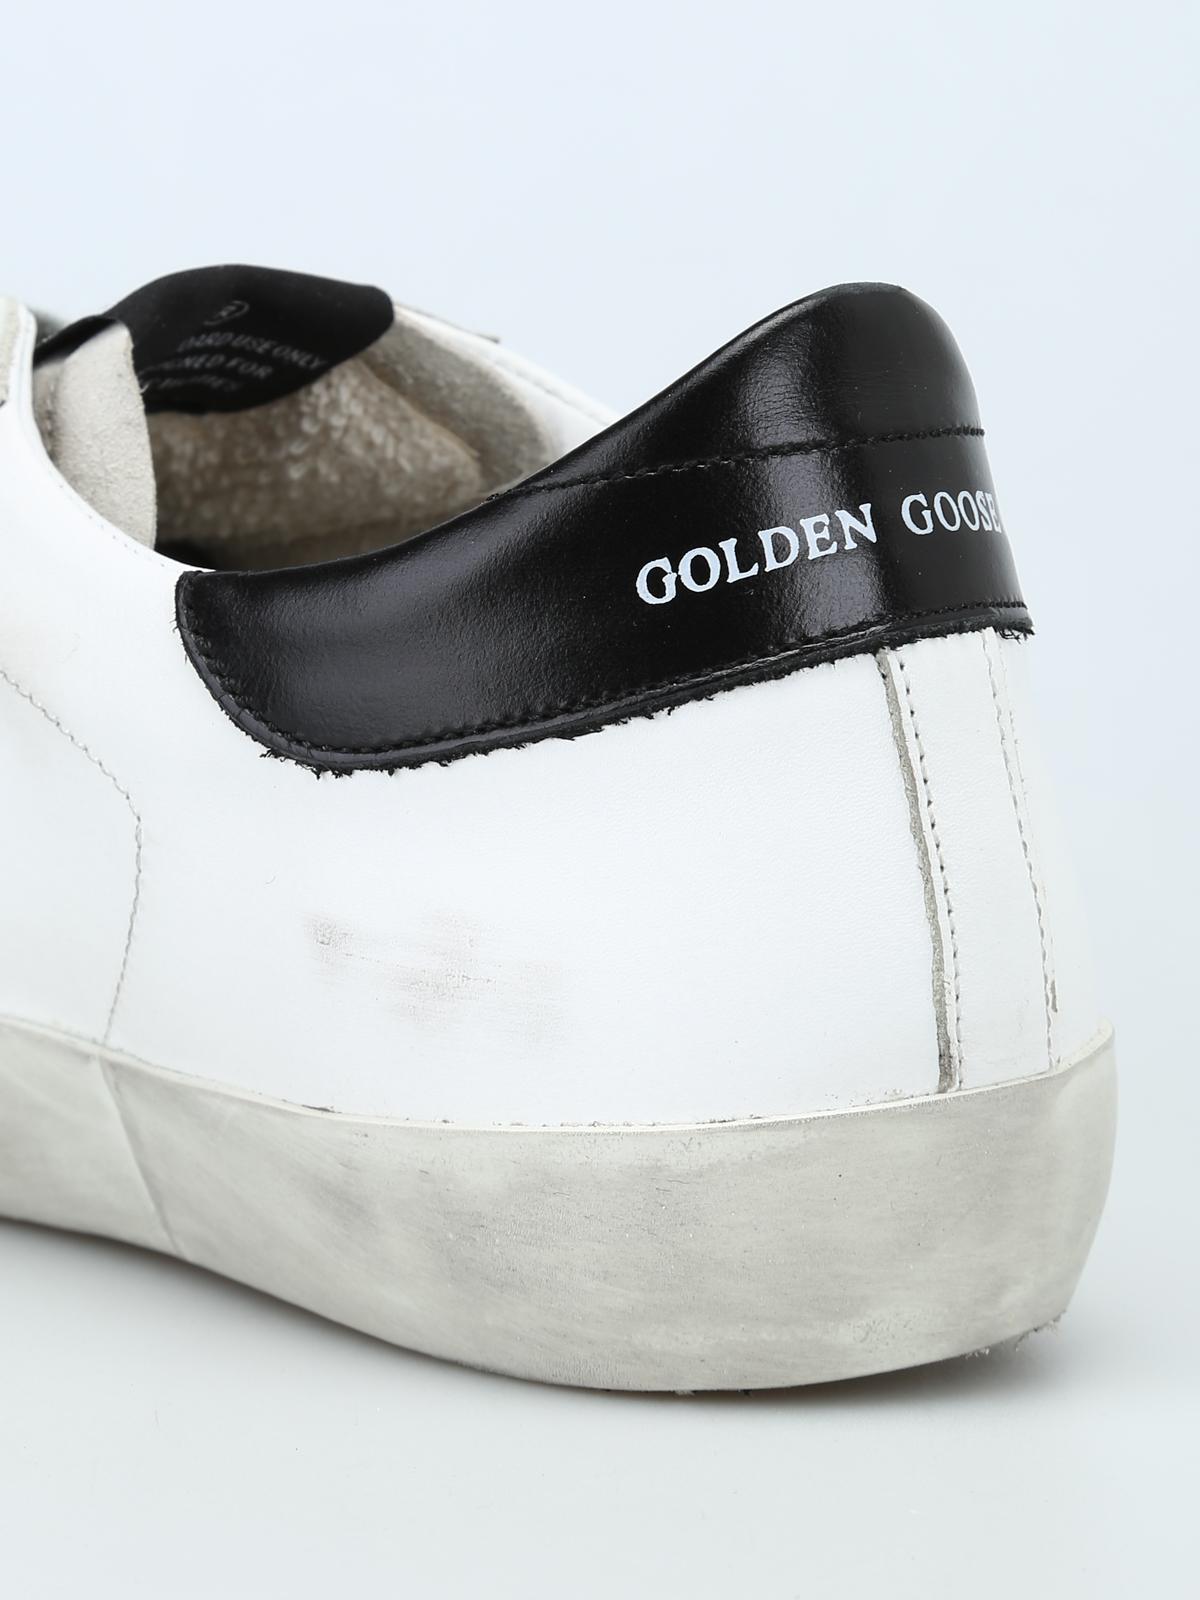 Online sneaker shop